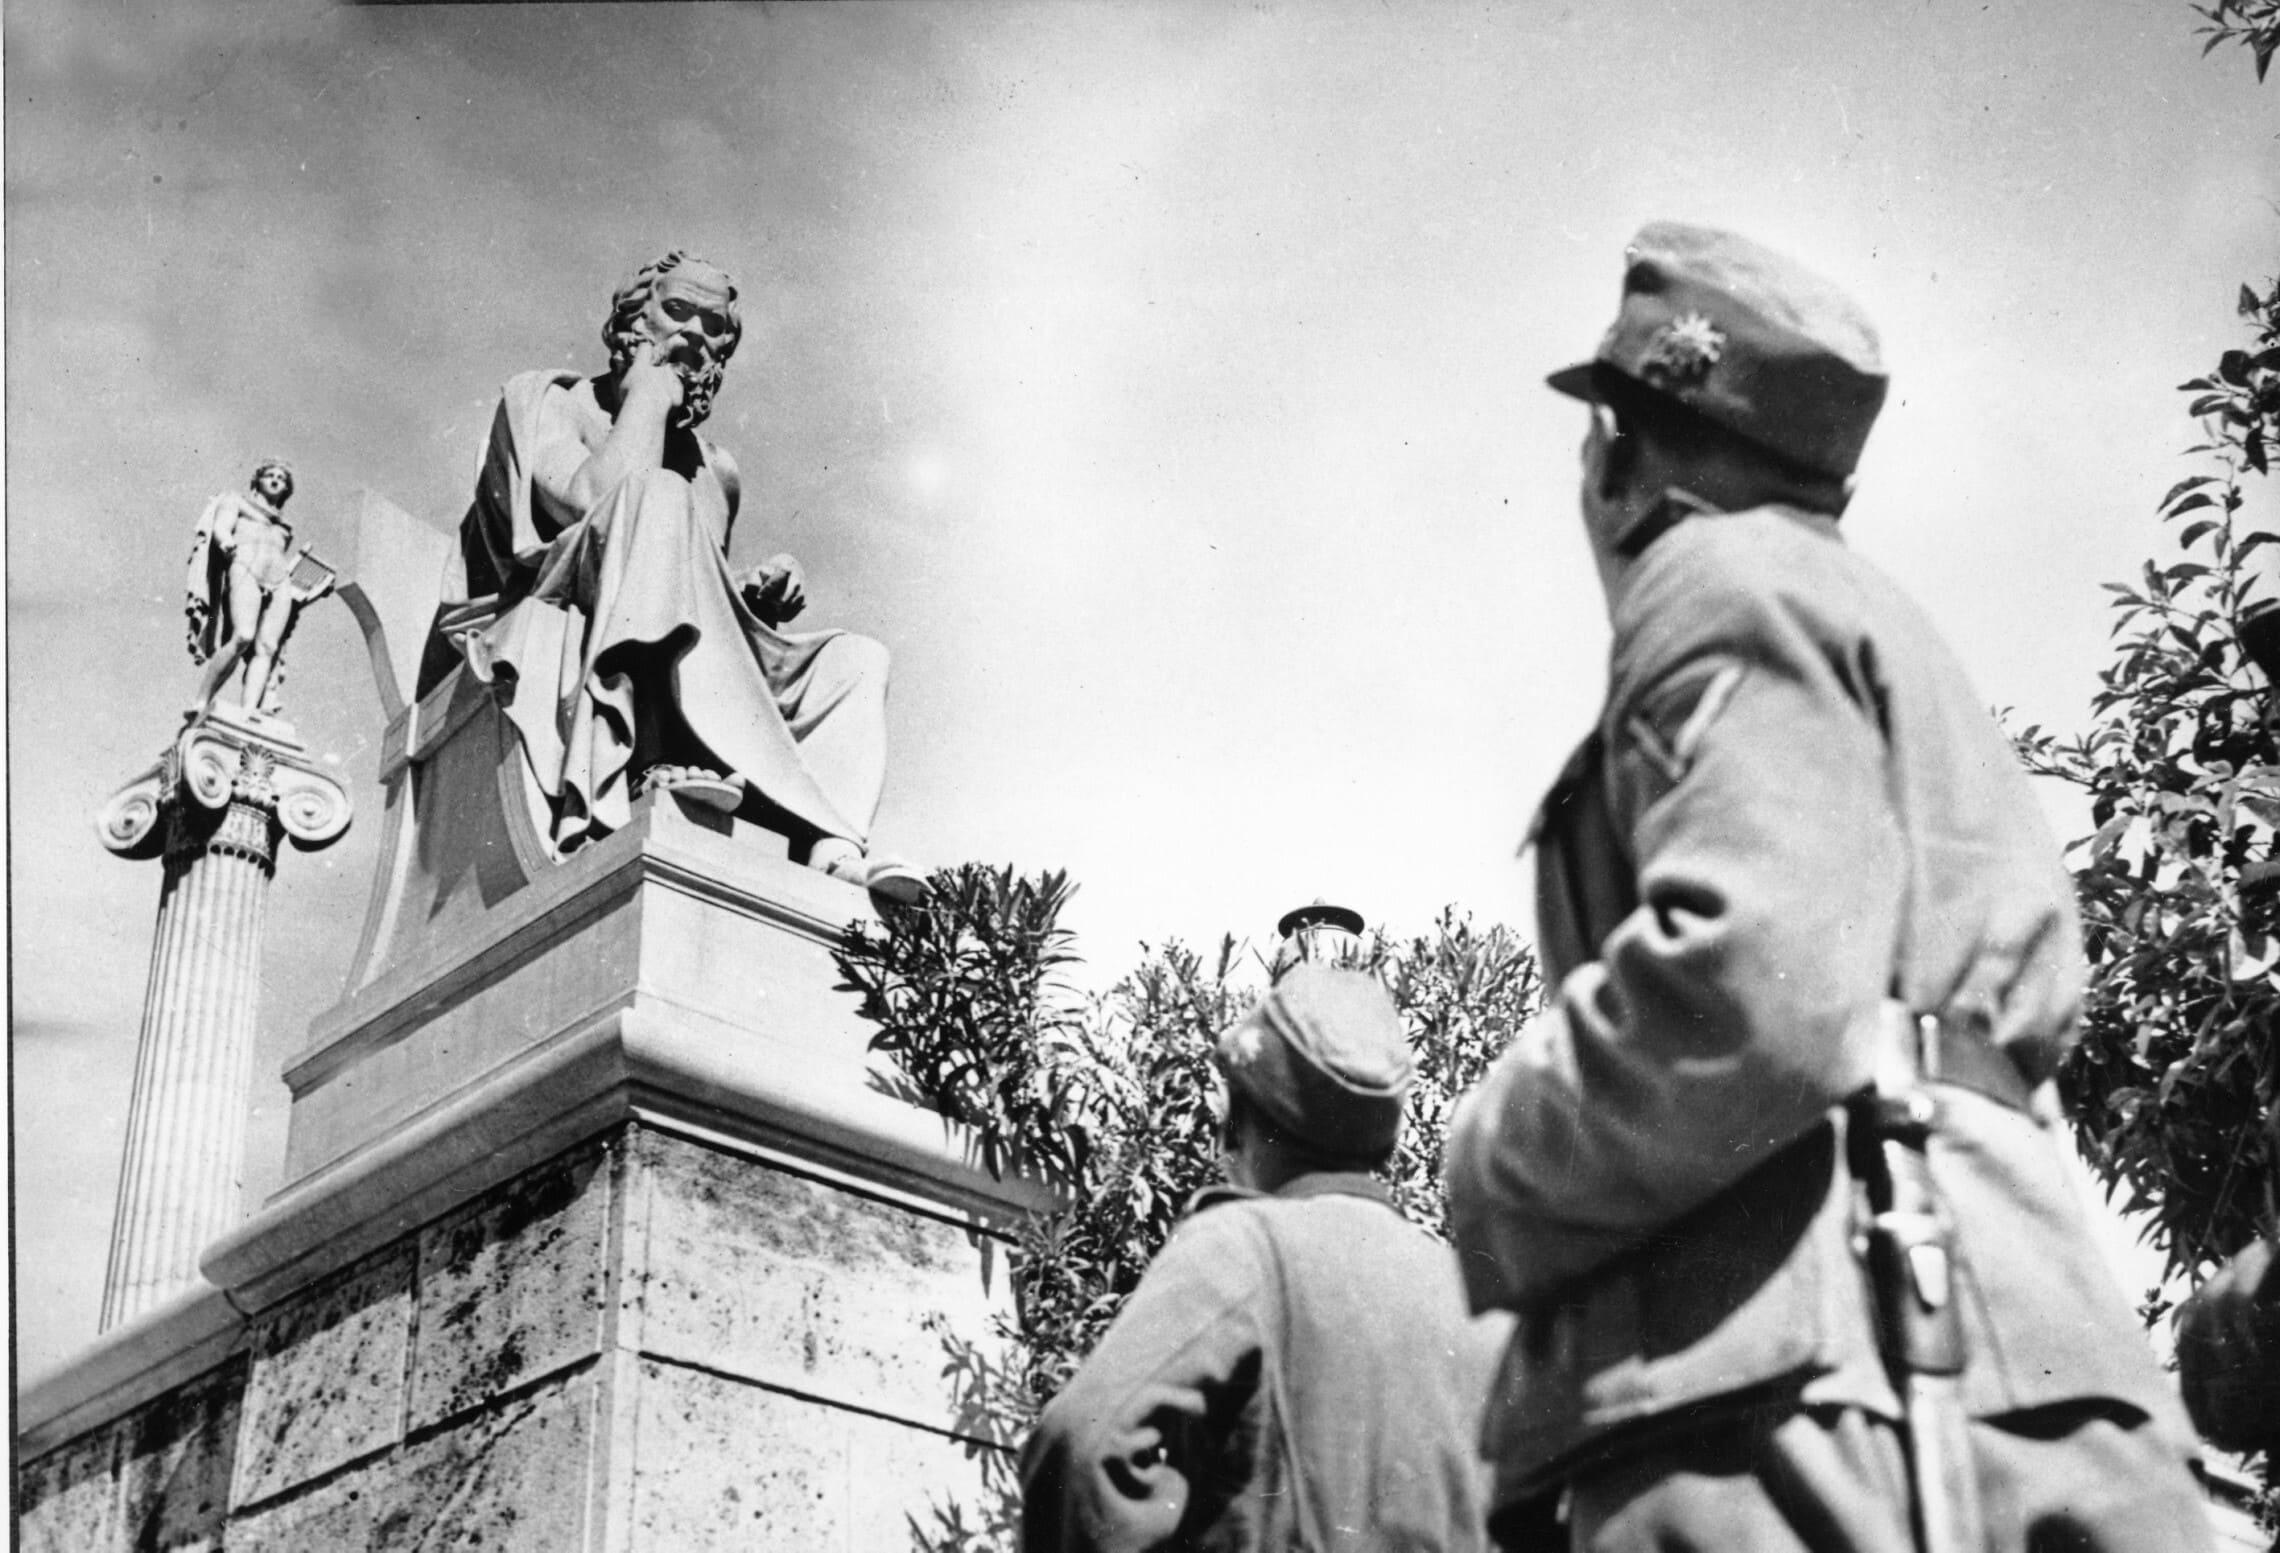 פלישת הנאצים ליוון: חיילים גרמנים מביטים בפסלו של סוקראטס באקרופוליס באתונה, 15 ביוני 1941 (צילום: AP Photo)